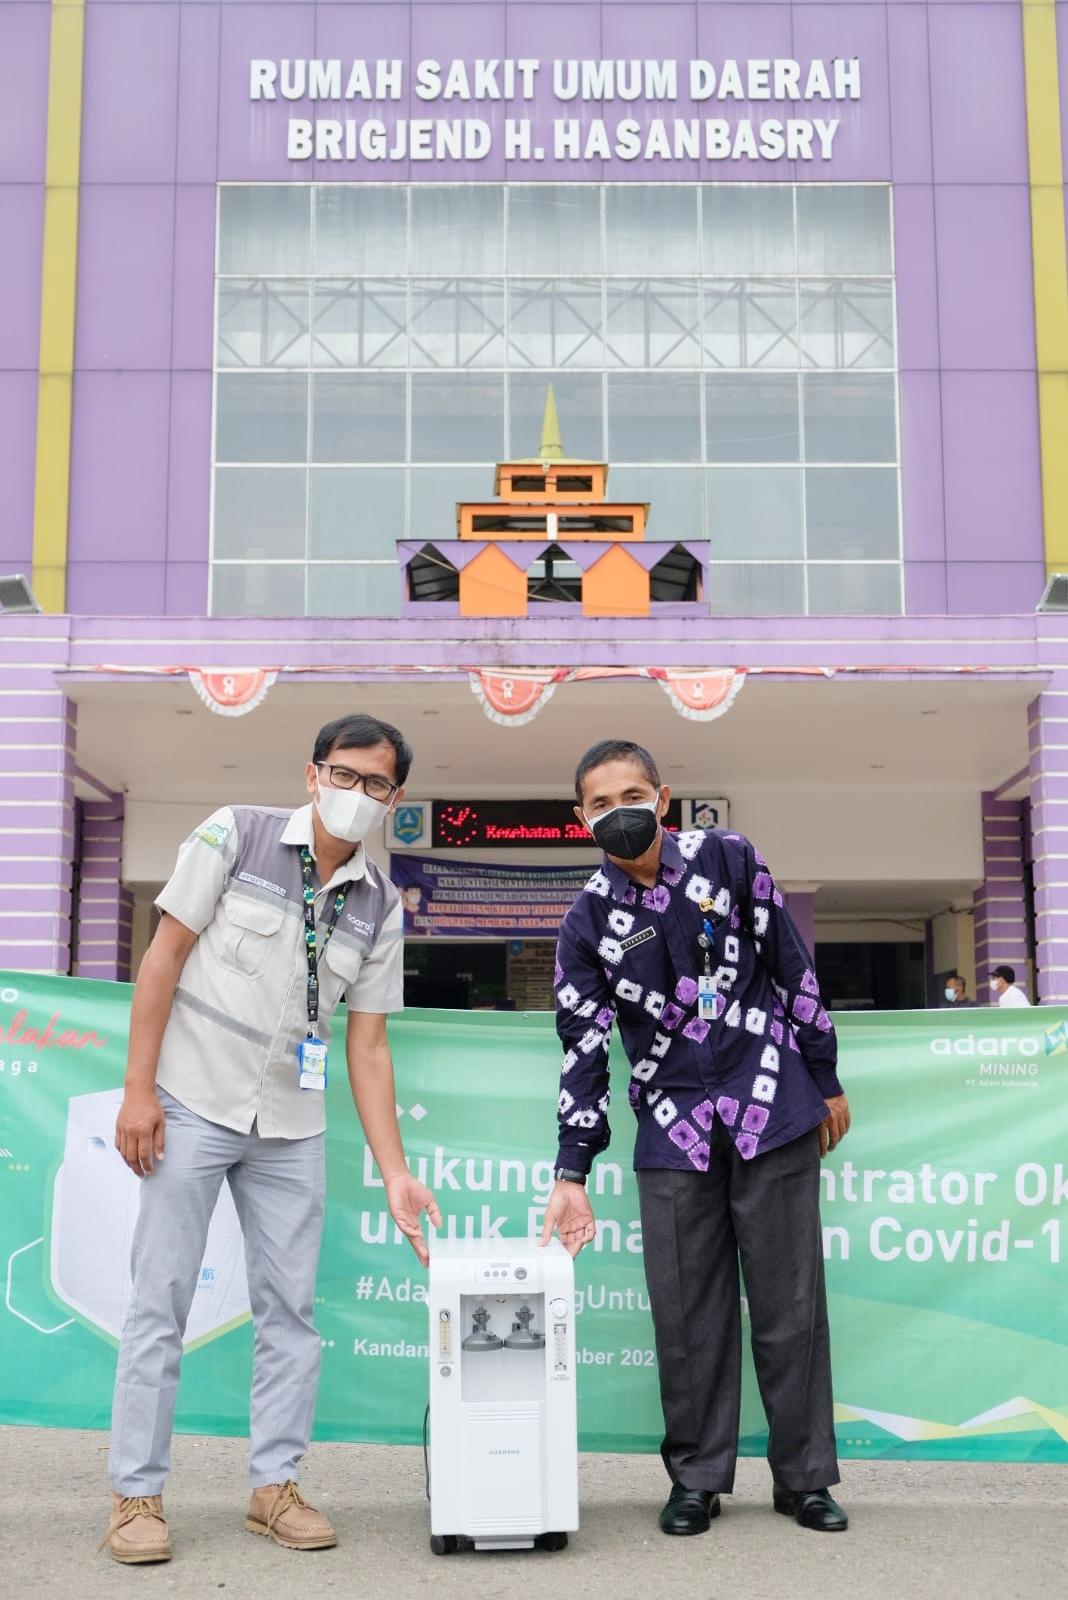 Penyerahan 10 Konsentrator Oksigen dari Adaro kepada RSUD Brigjend H Hasan Basry di Kota Kandangan, Kabupaten Hulu Sungai Selatan (HSS), Provinsi Kalimantan Selatan (Kalsel), Kamis (9/9/2021).